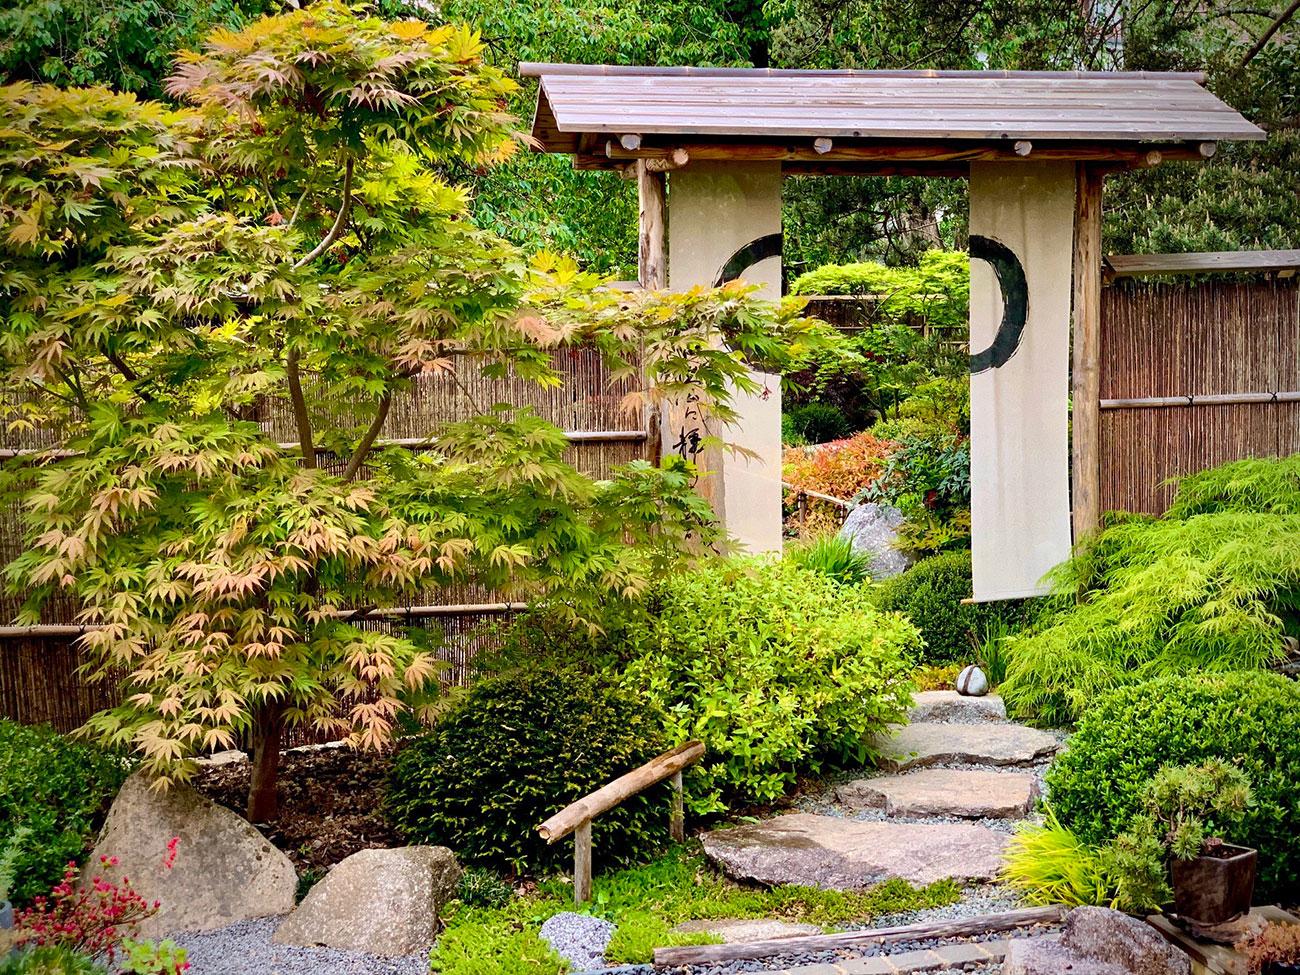 Visite D'un Jardin Japonais Traditionnel | Activités ... pour Jardin Japonais Alsace